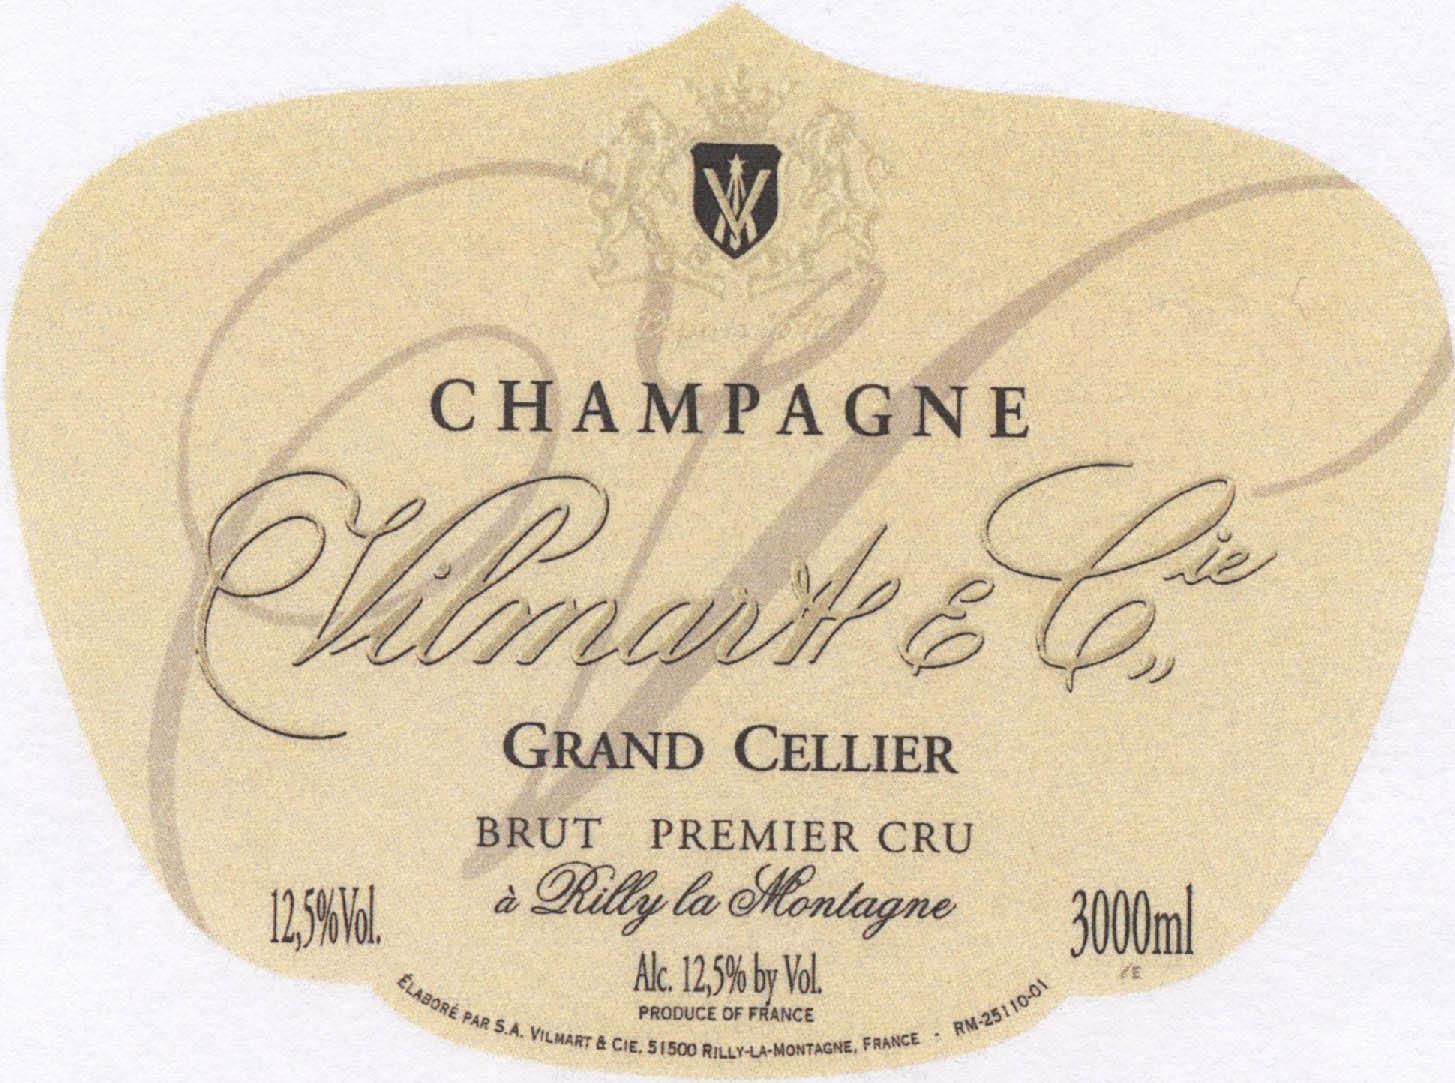 Vilmartet Cie Grand Cellier